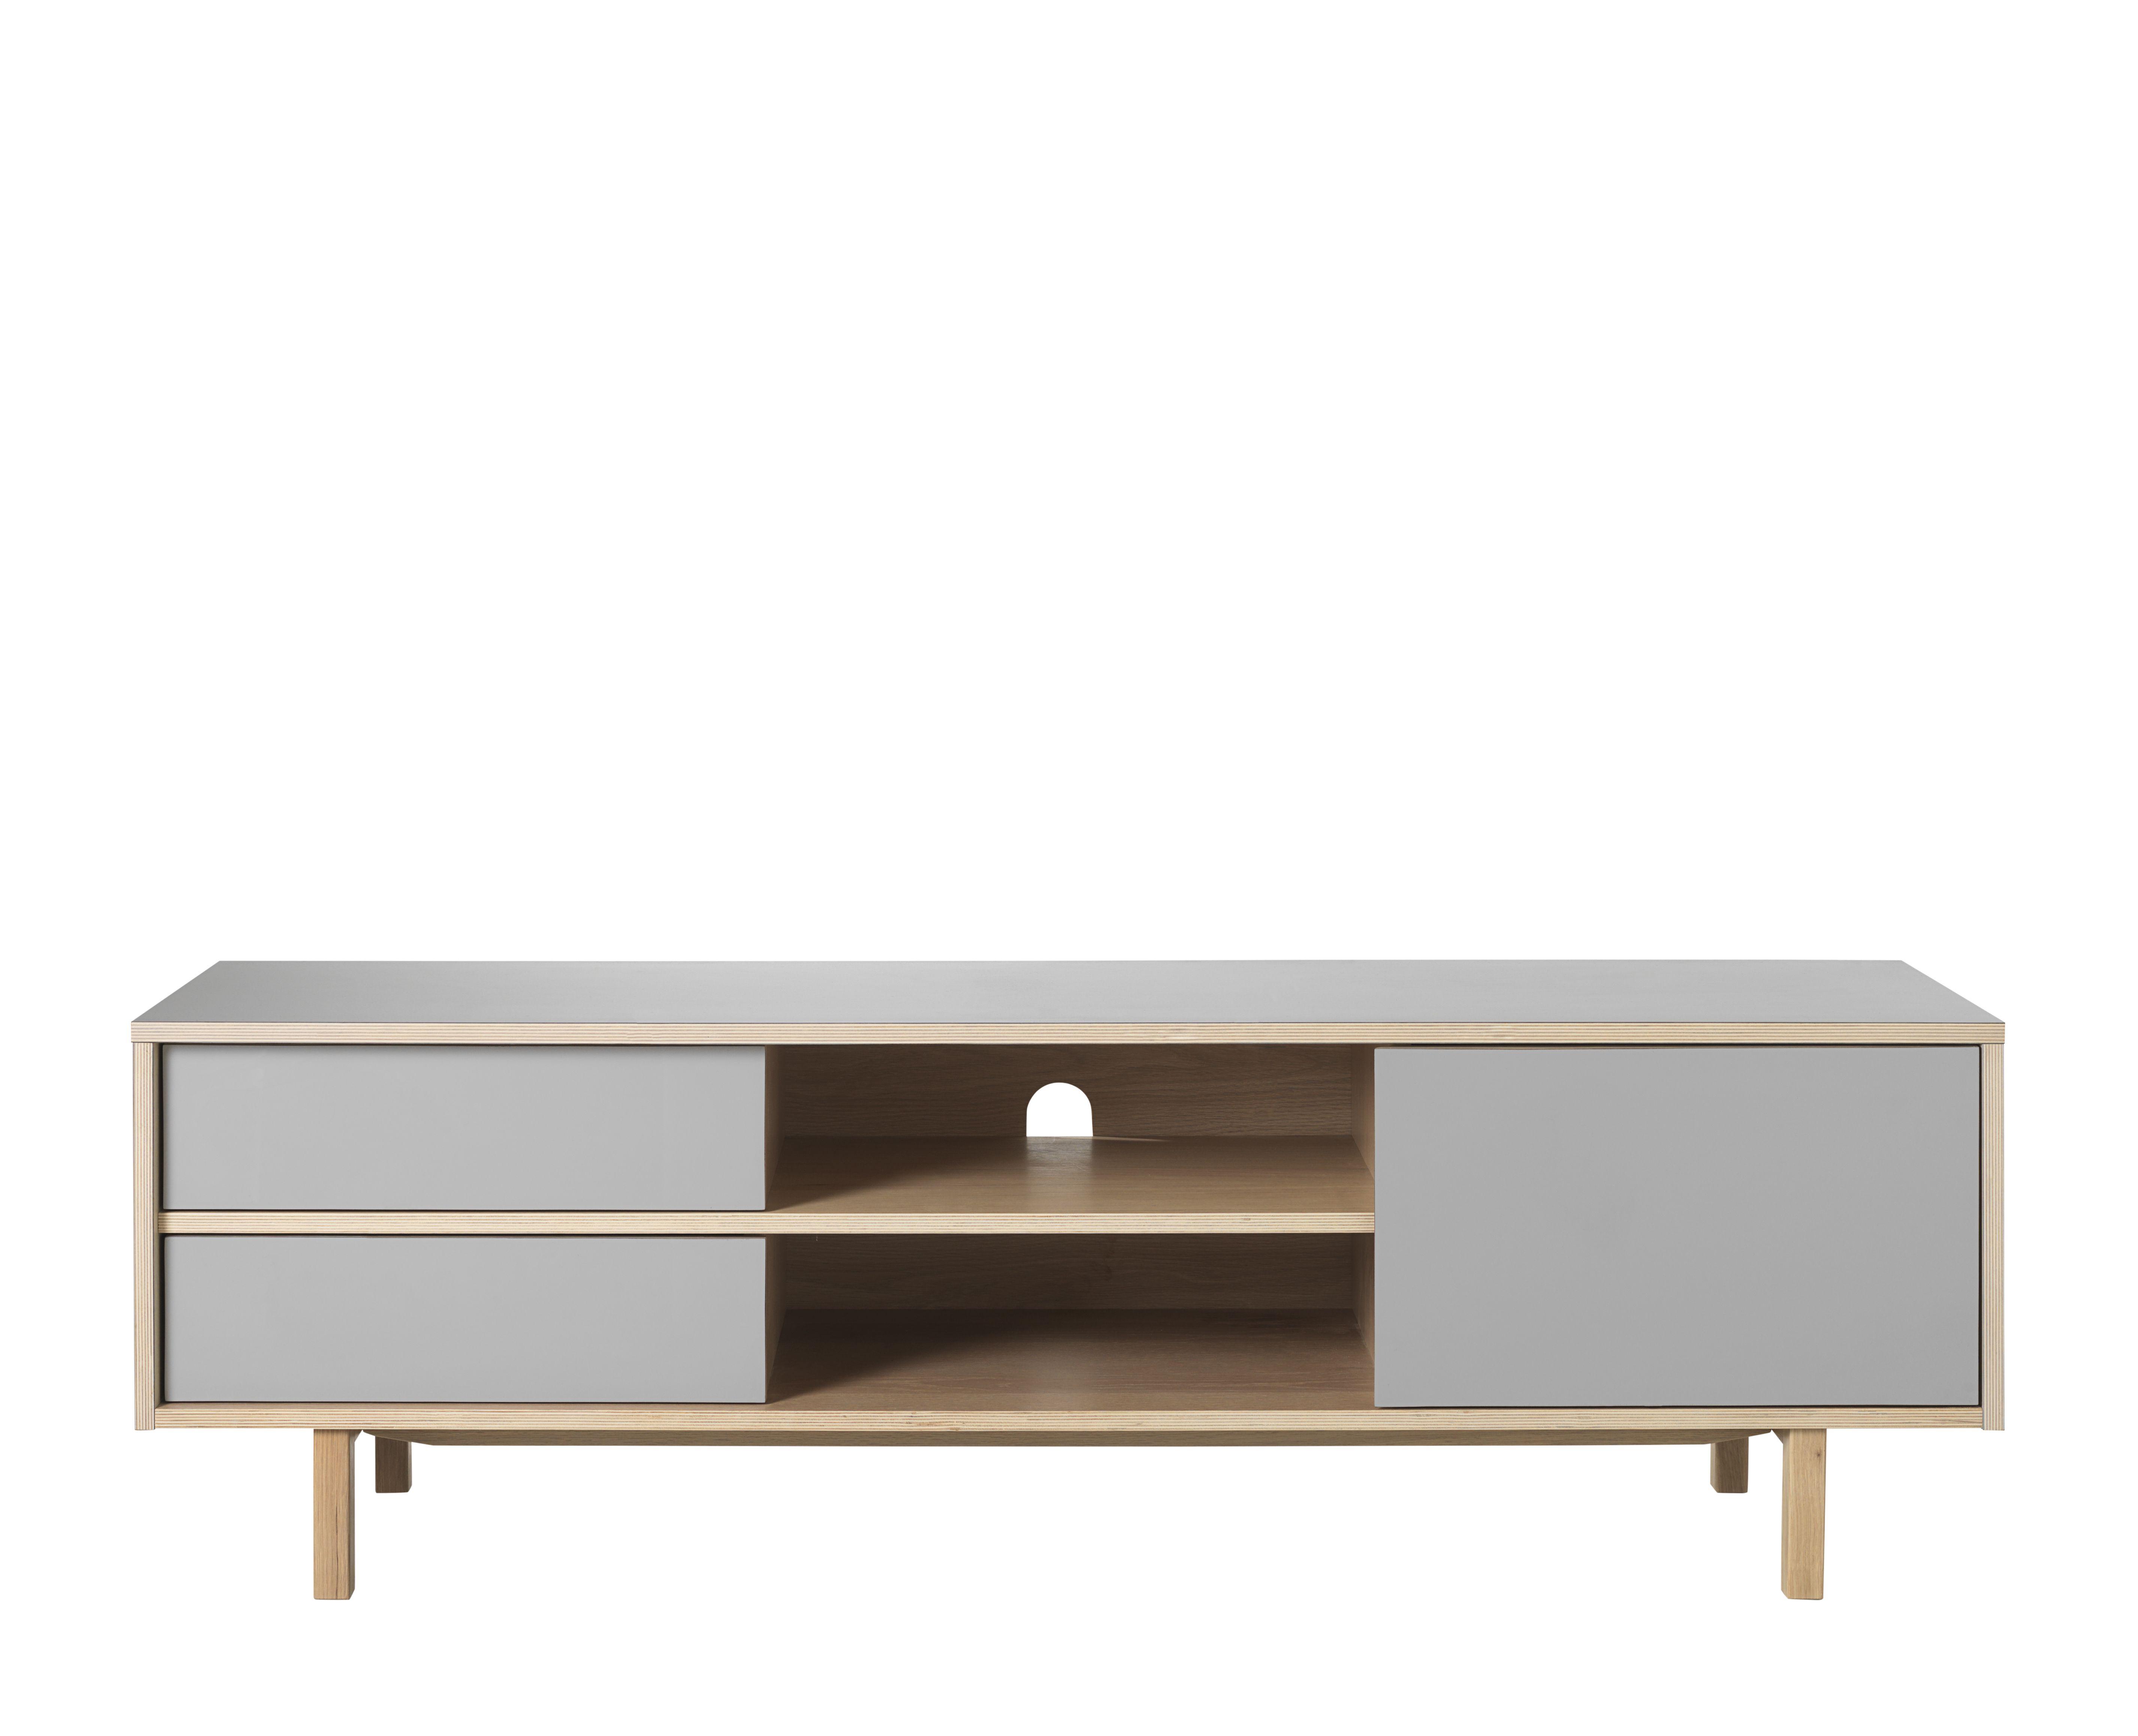 odense-tv-dressoir-1